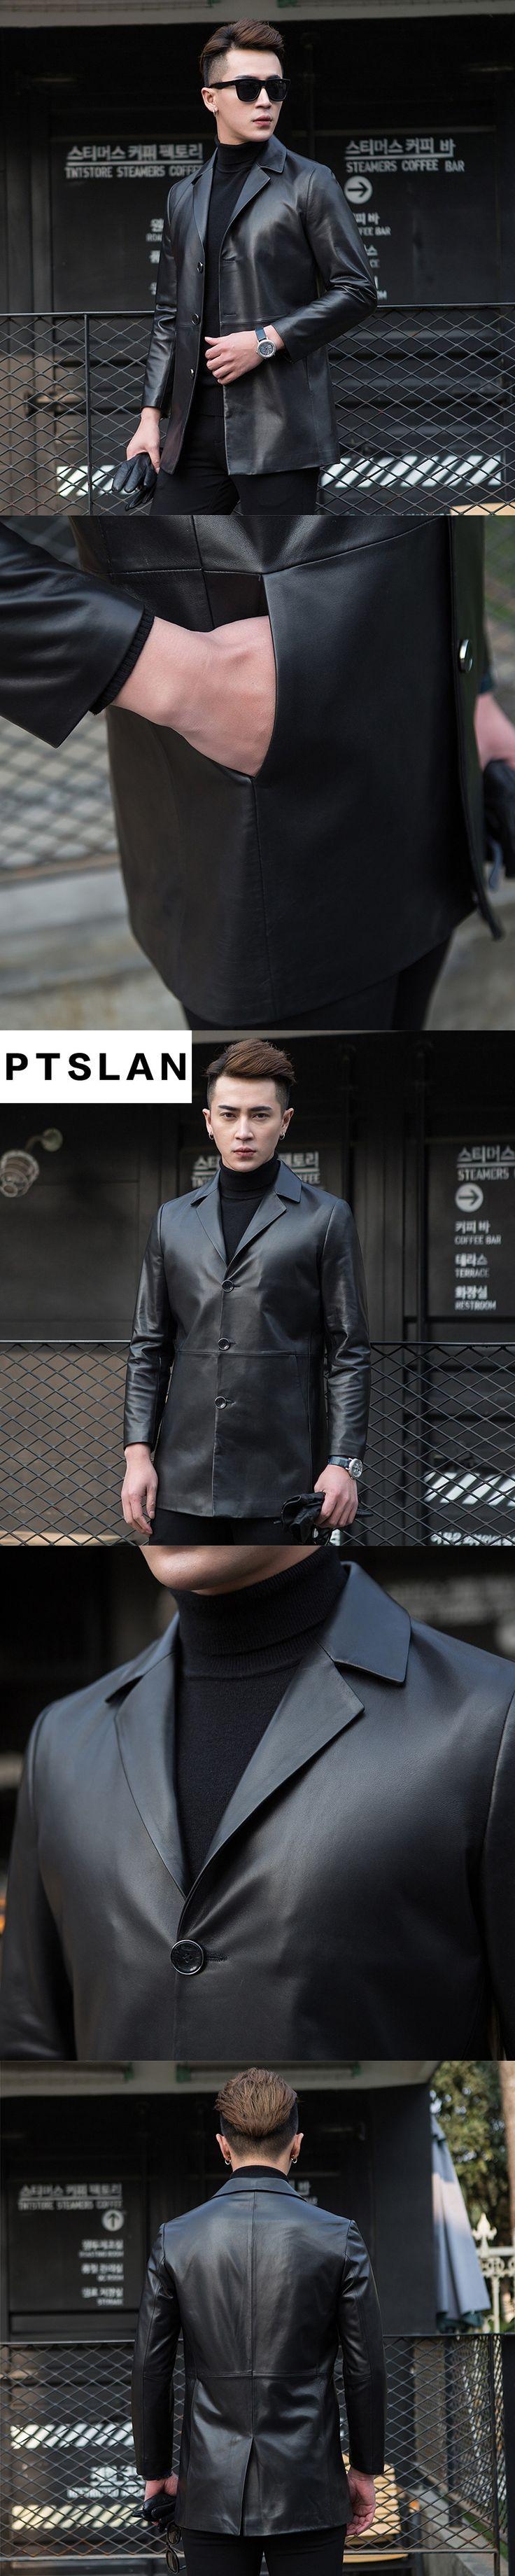 Ptslan High Quality Men's Genuine Leather Jacket Men Coat Brand Men Leather Bomber Jacket Blazers Veste Cuir Homme Long Leather